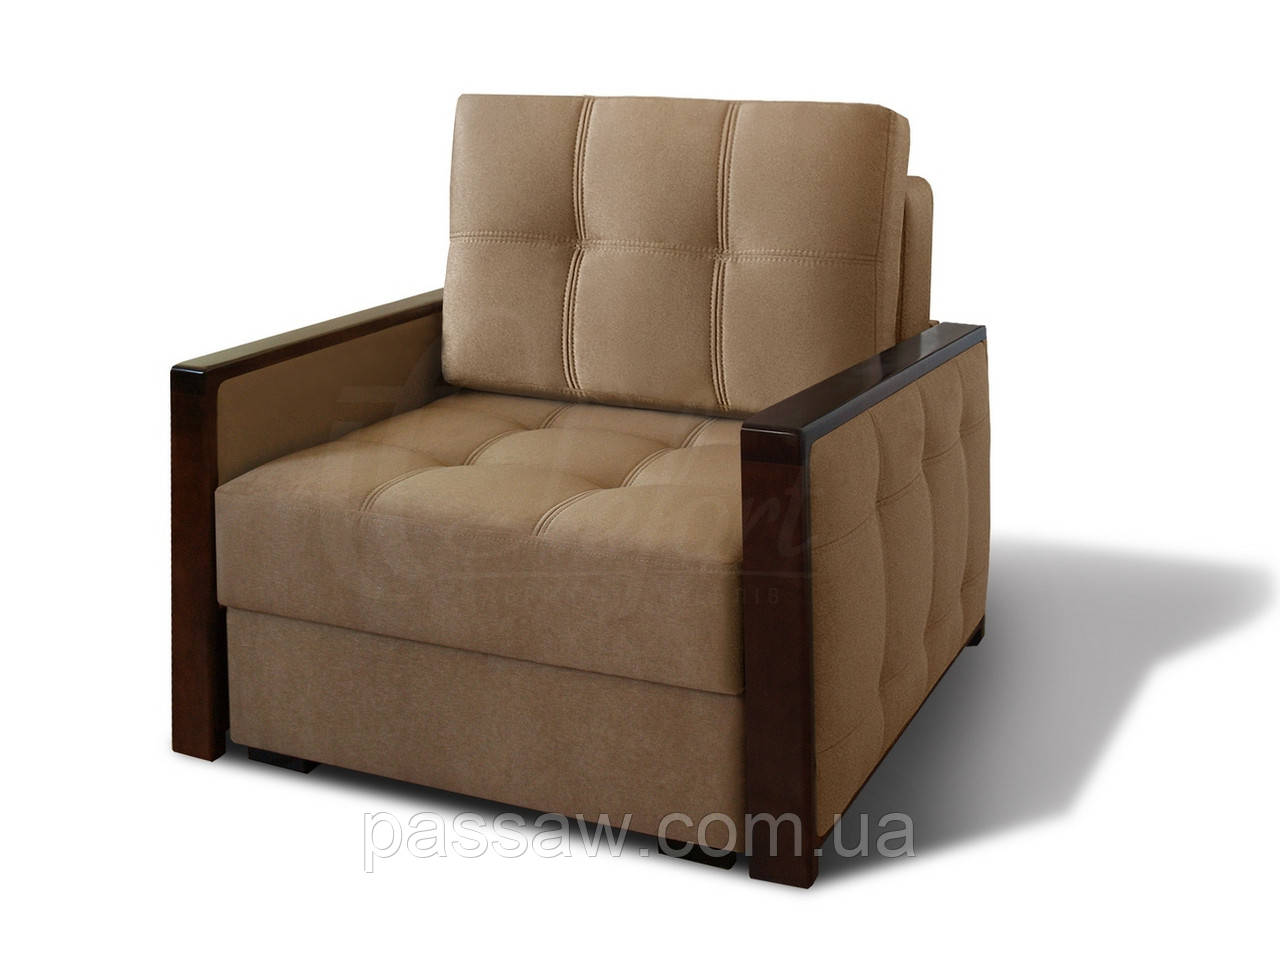 Кресло «Астон» раскладное